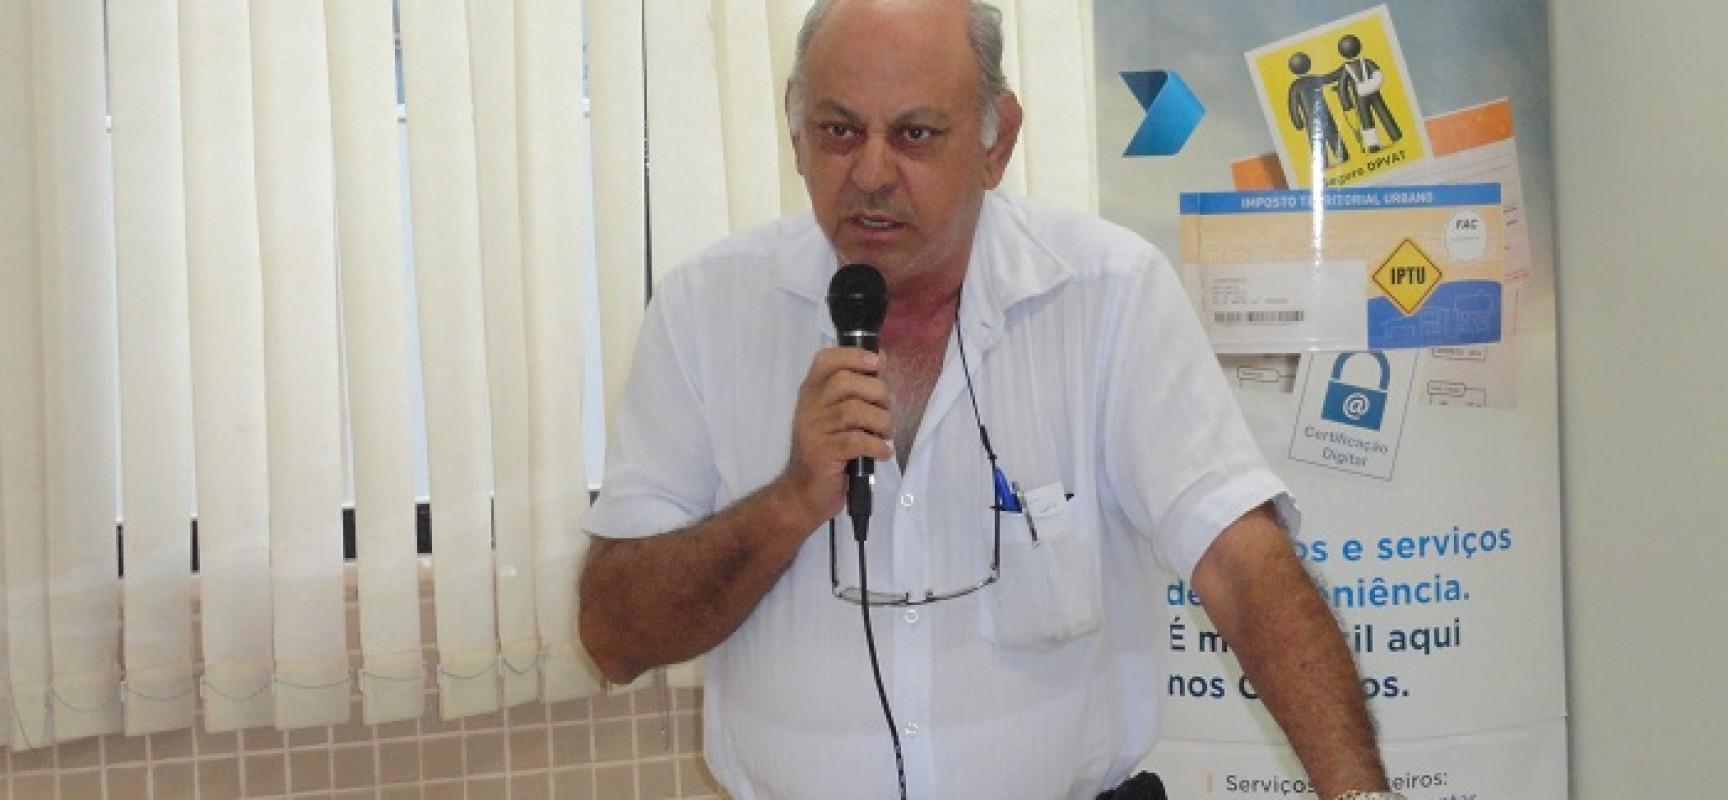 Prefeito Joviano de Almeida está internado na UTI no município de Sinop-MT